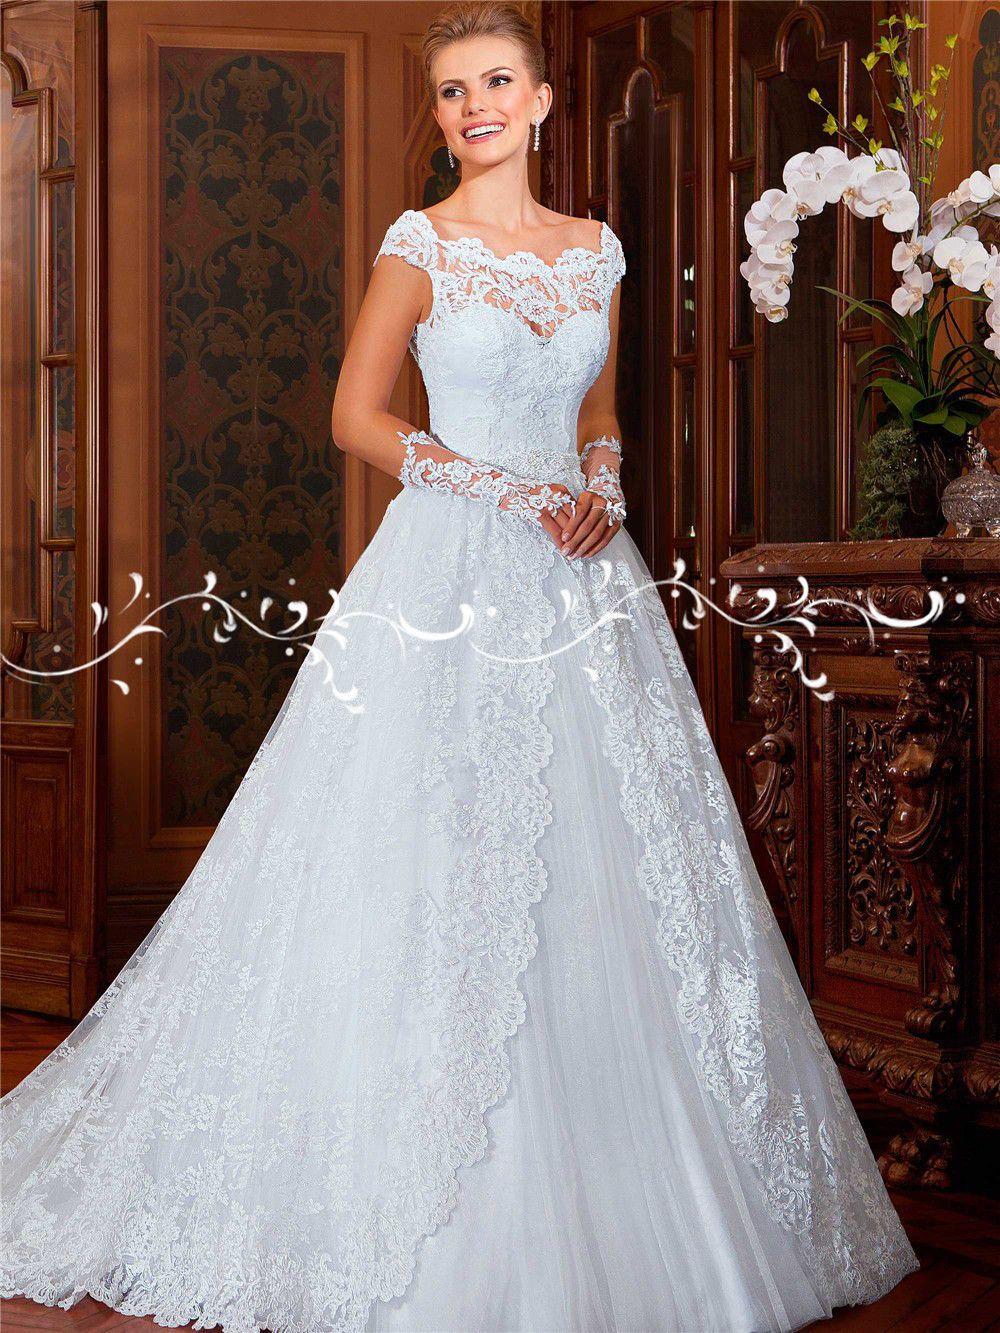 Sereia Mariage Vestido De Noiva Princesa Ball Gown Lace Wedding ...